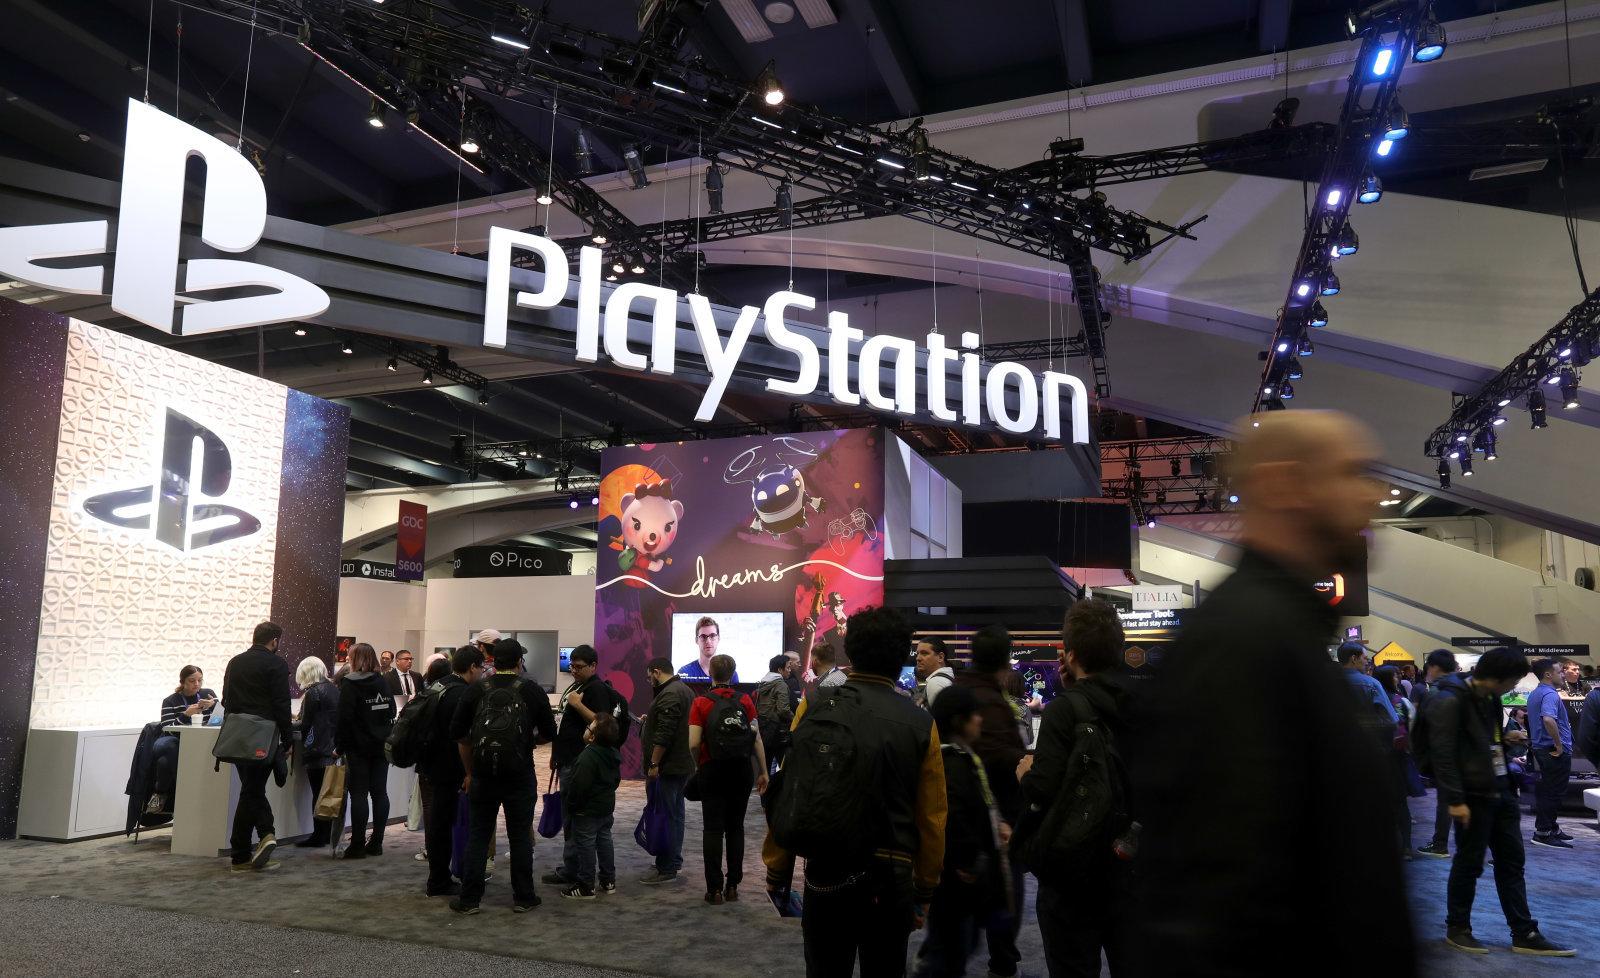 بلاستيشن الجيل الخامس سيكون أسرع بحوالي 10 مرات من PS4 في تحميل الألعاب